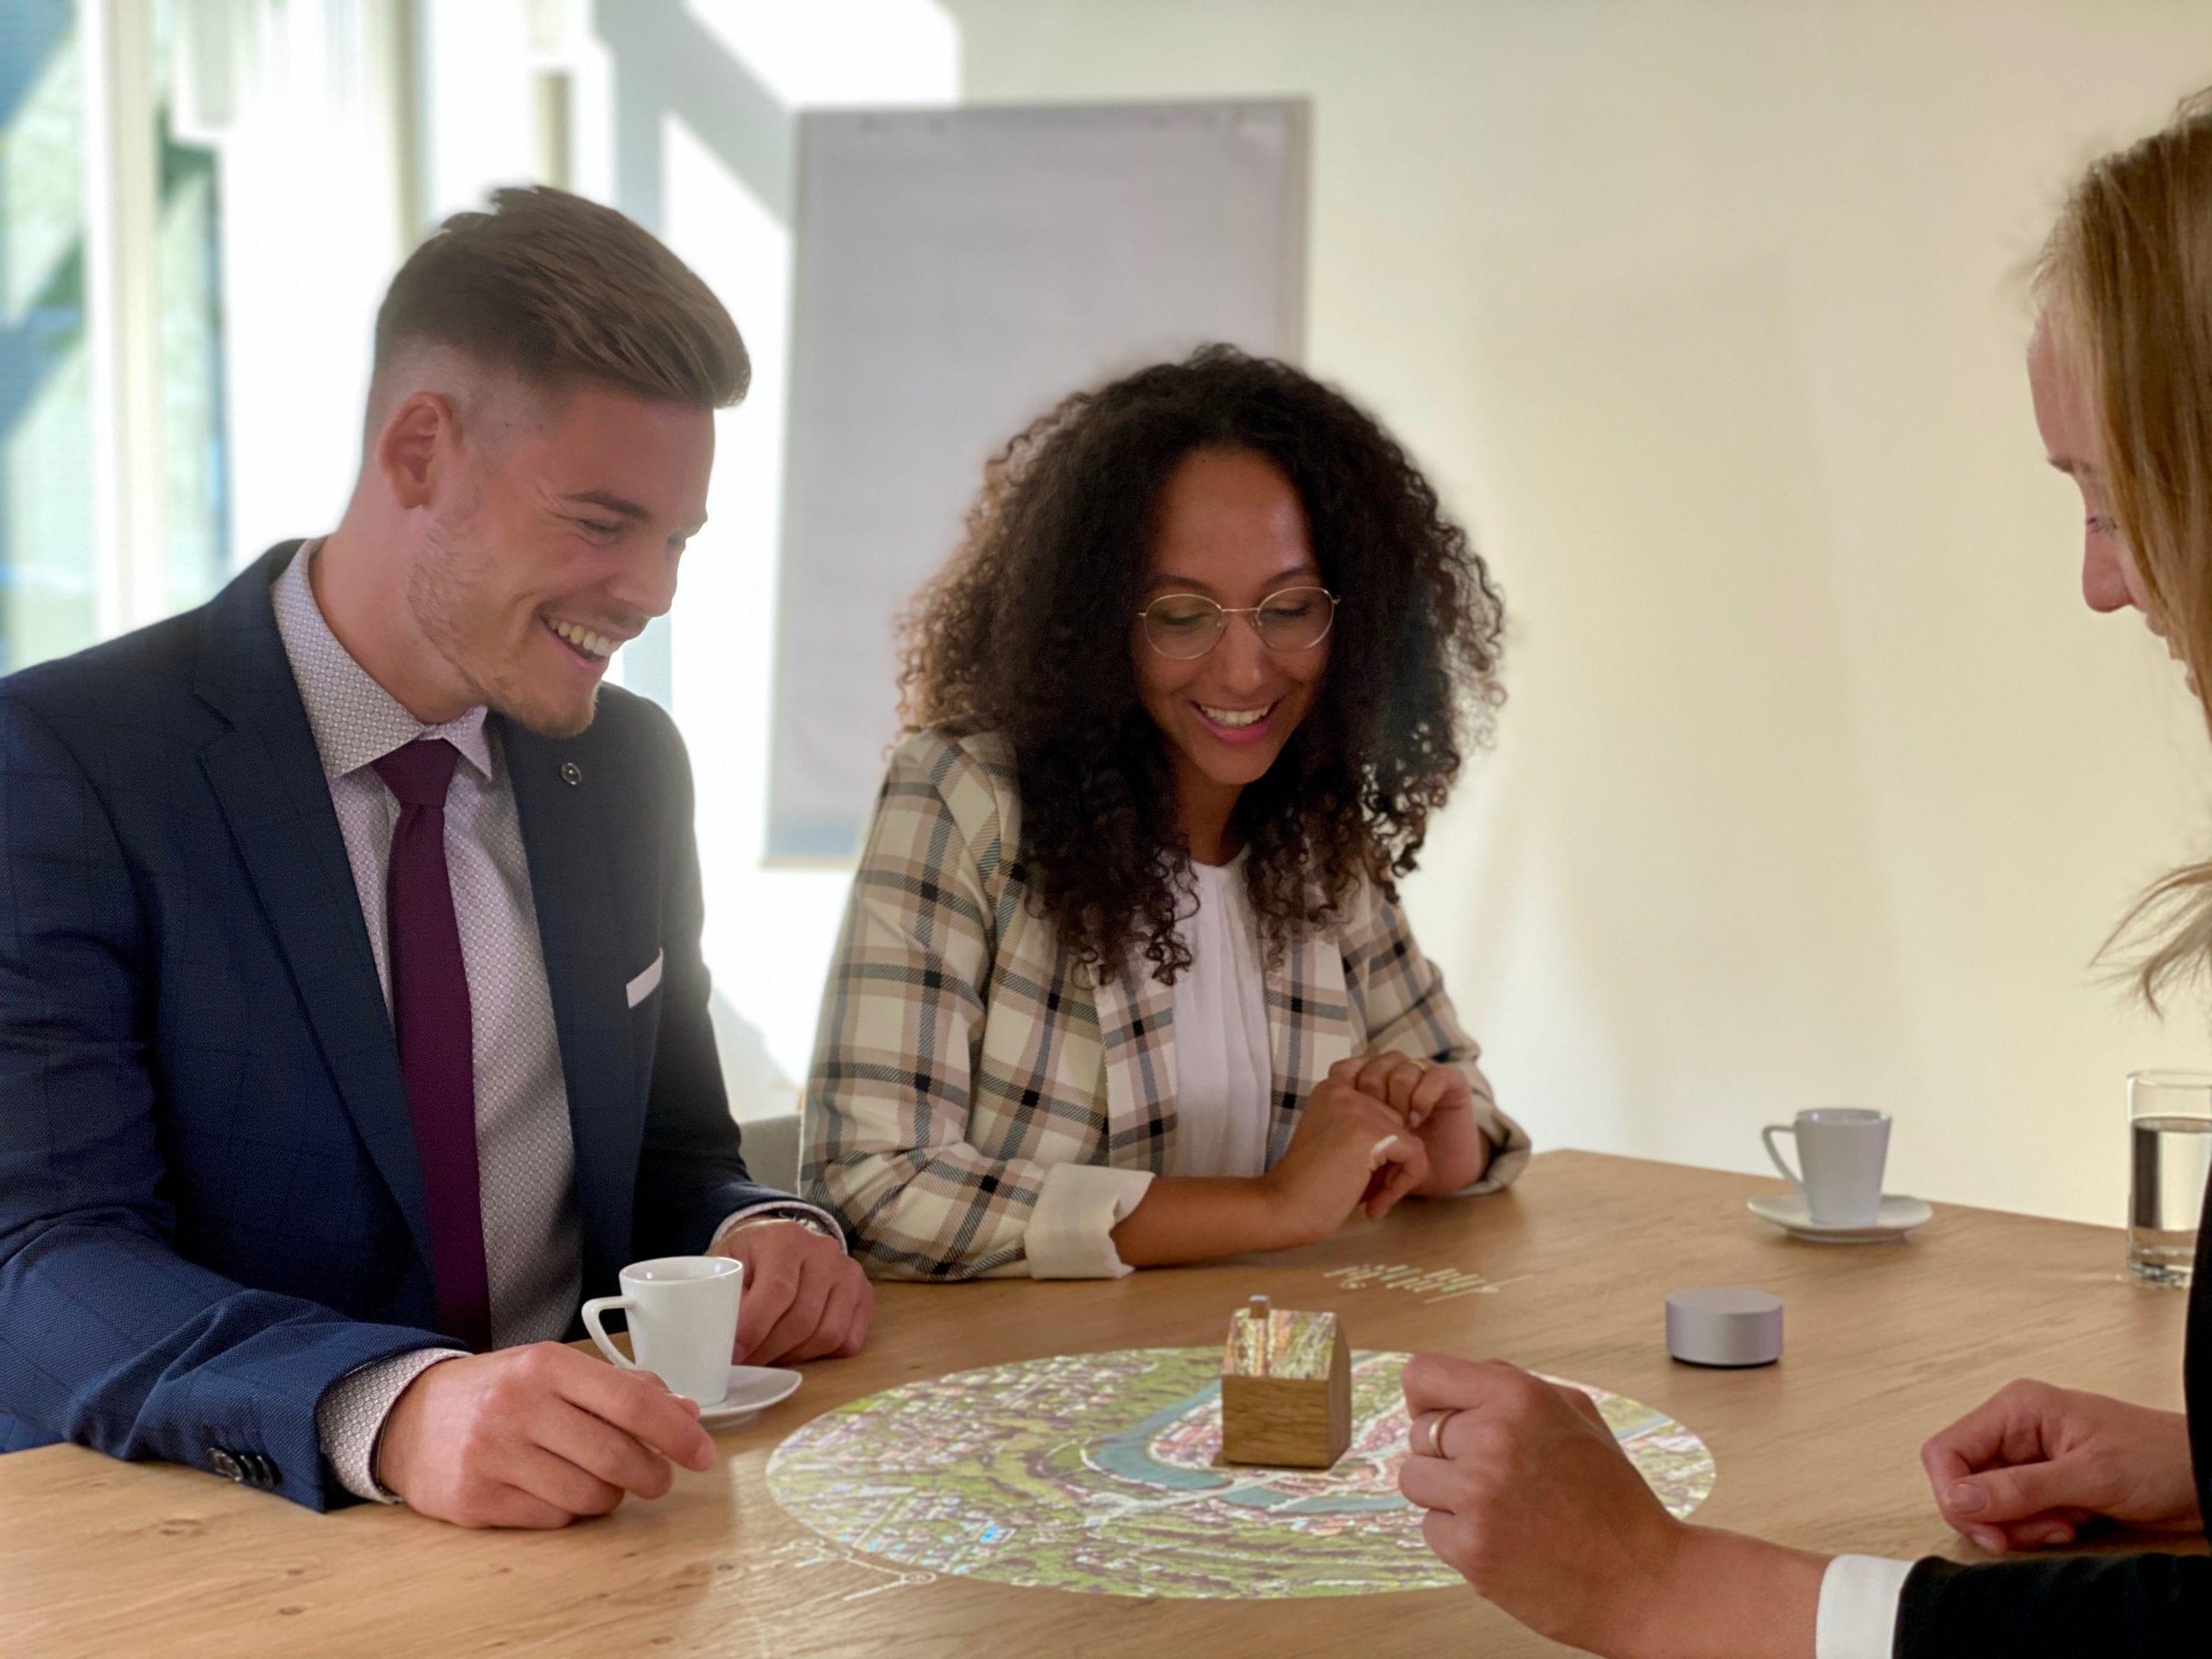 Zeigt zwei Menschen im Finanzierungsgespräch mit der neuen interaktiven Beratungsplattform Lusee